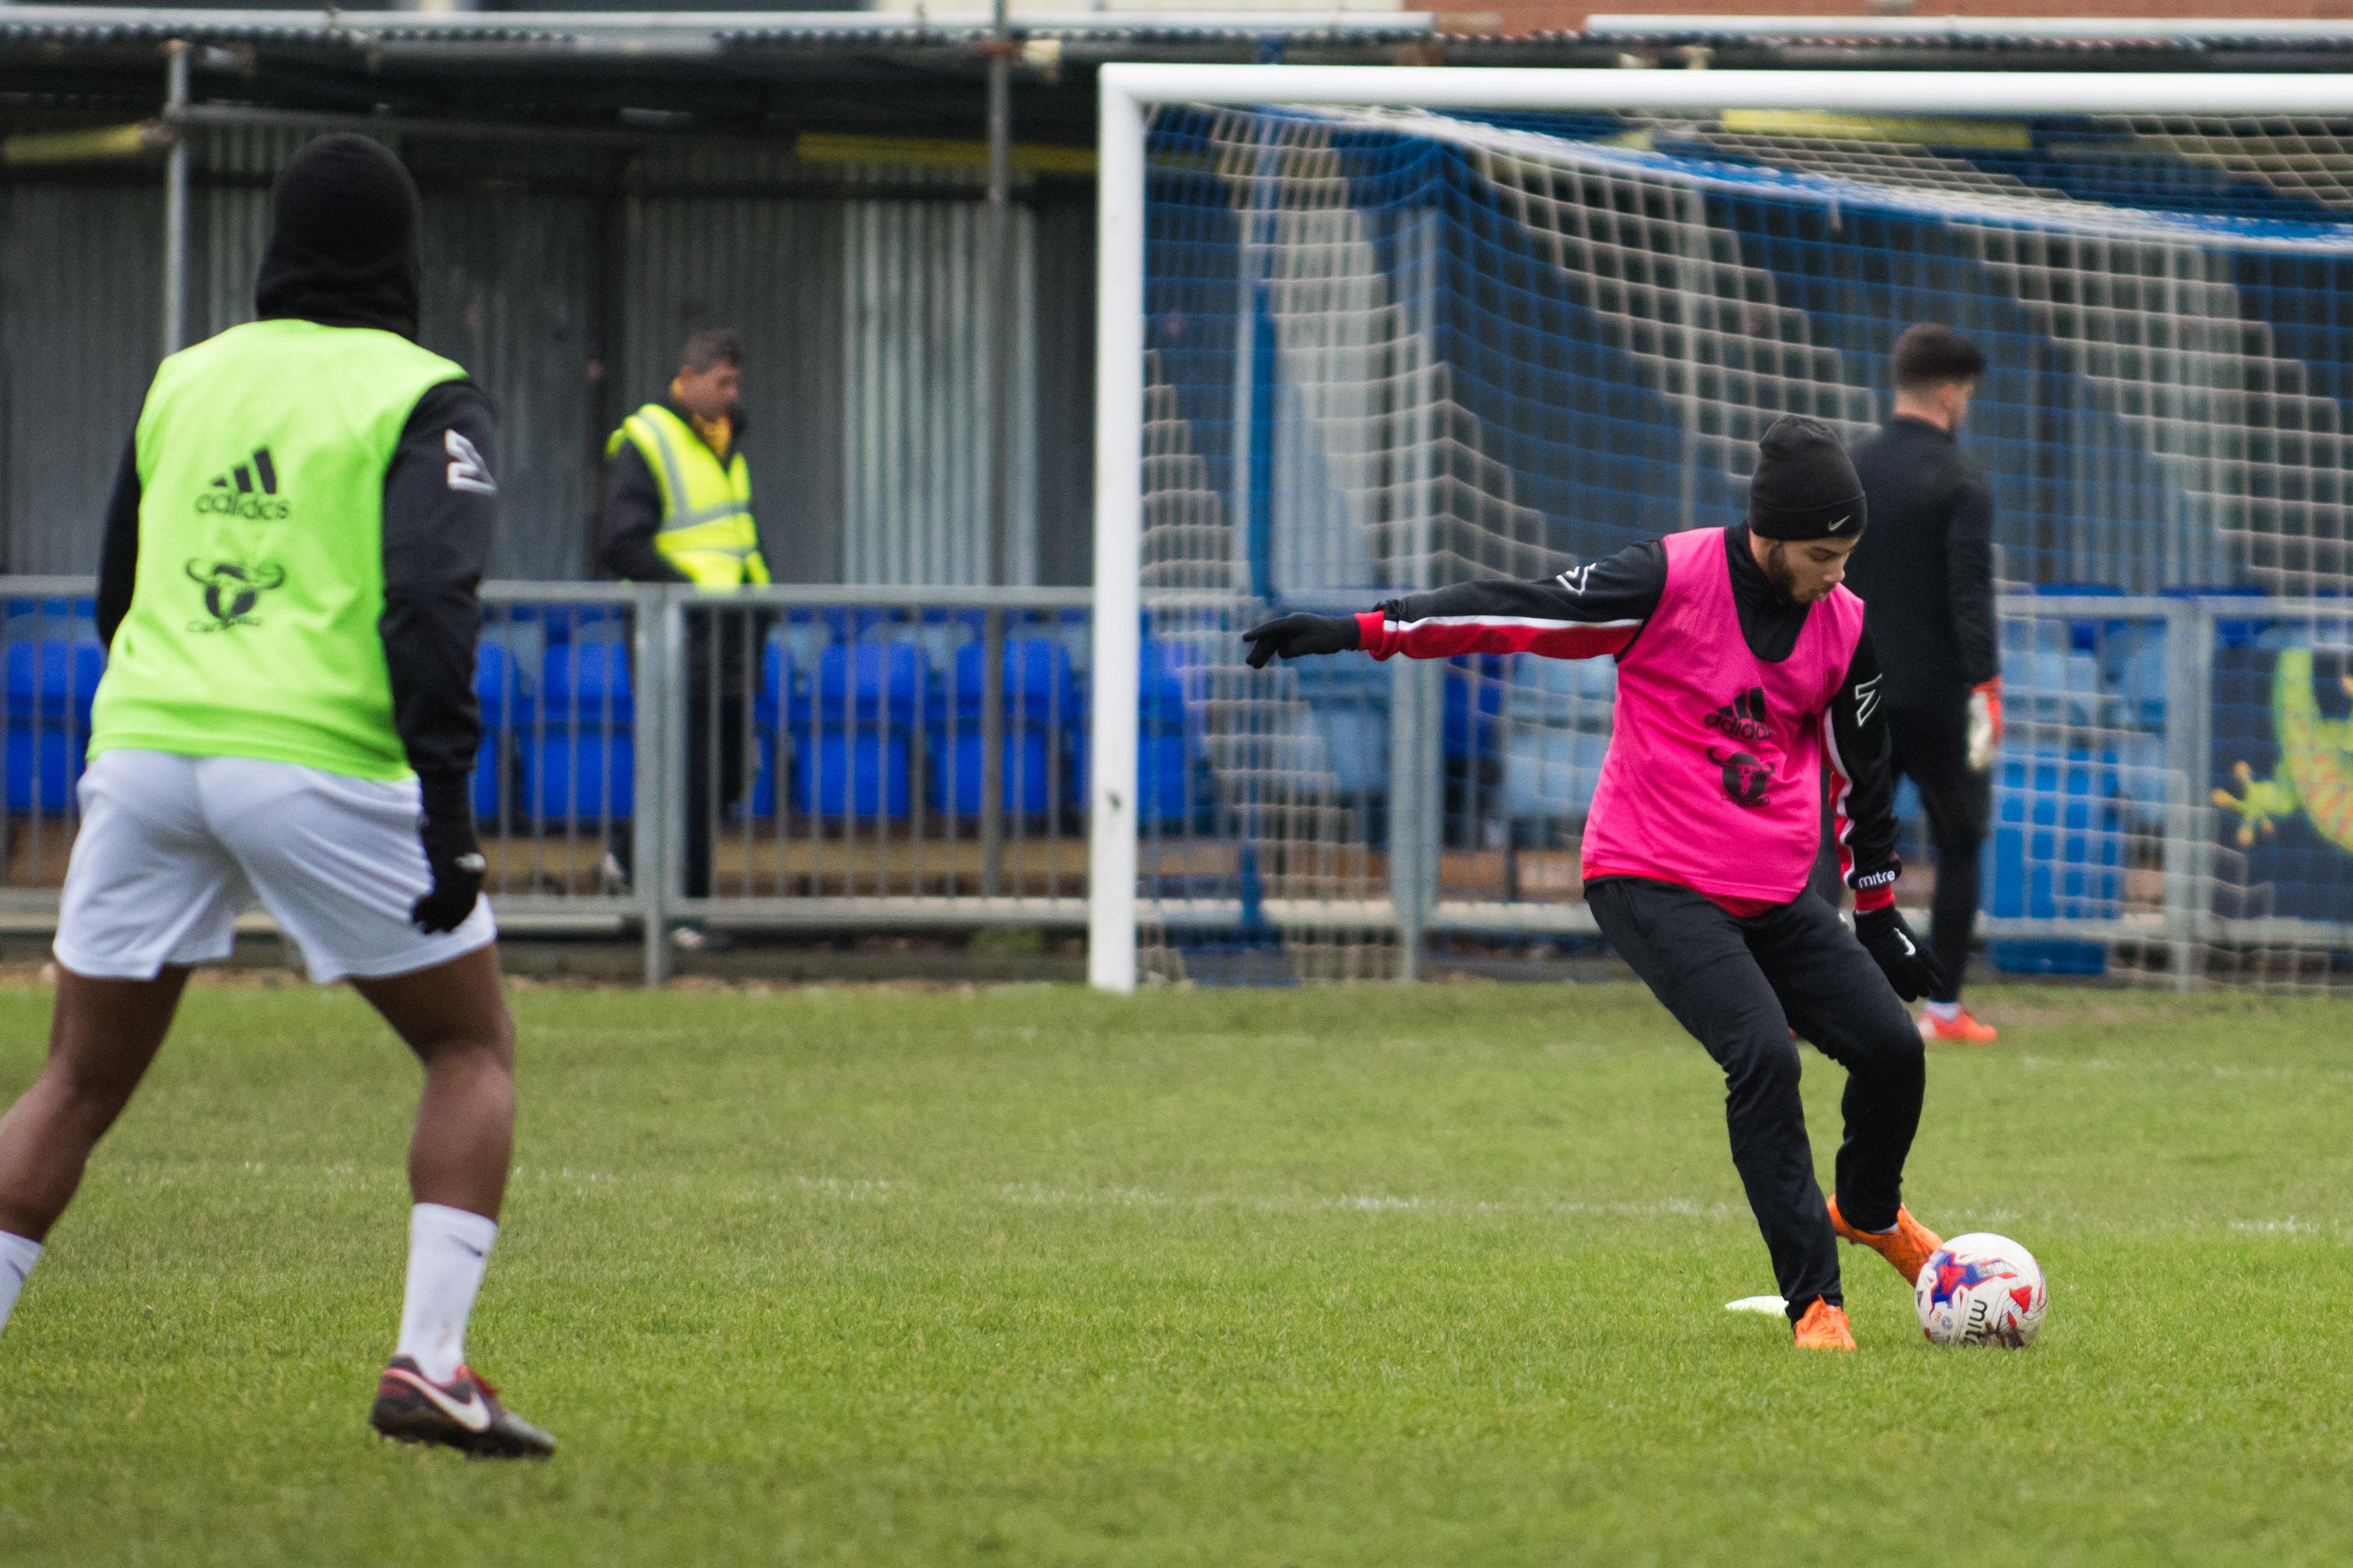 Shoreham FC vs Carshalton Ath 23.12.17 24